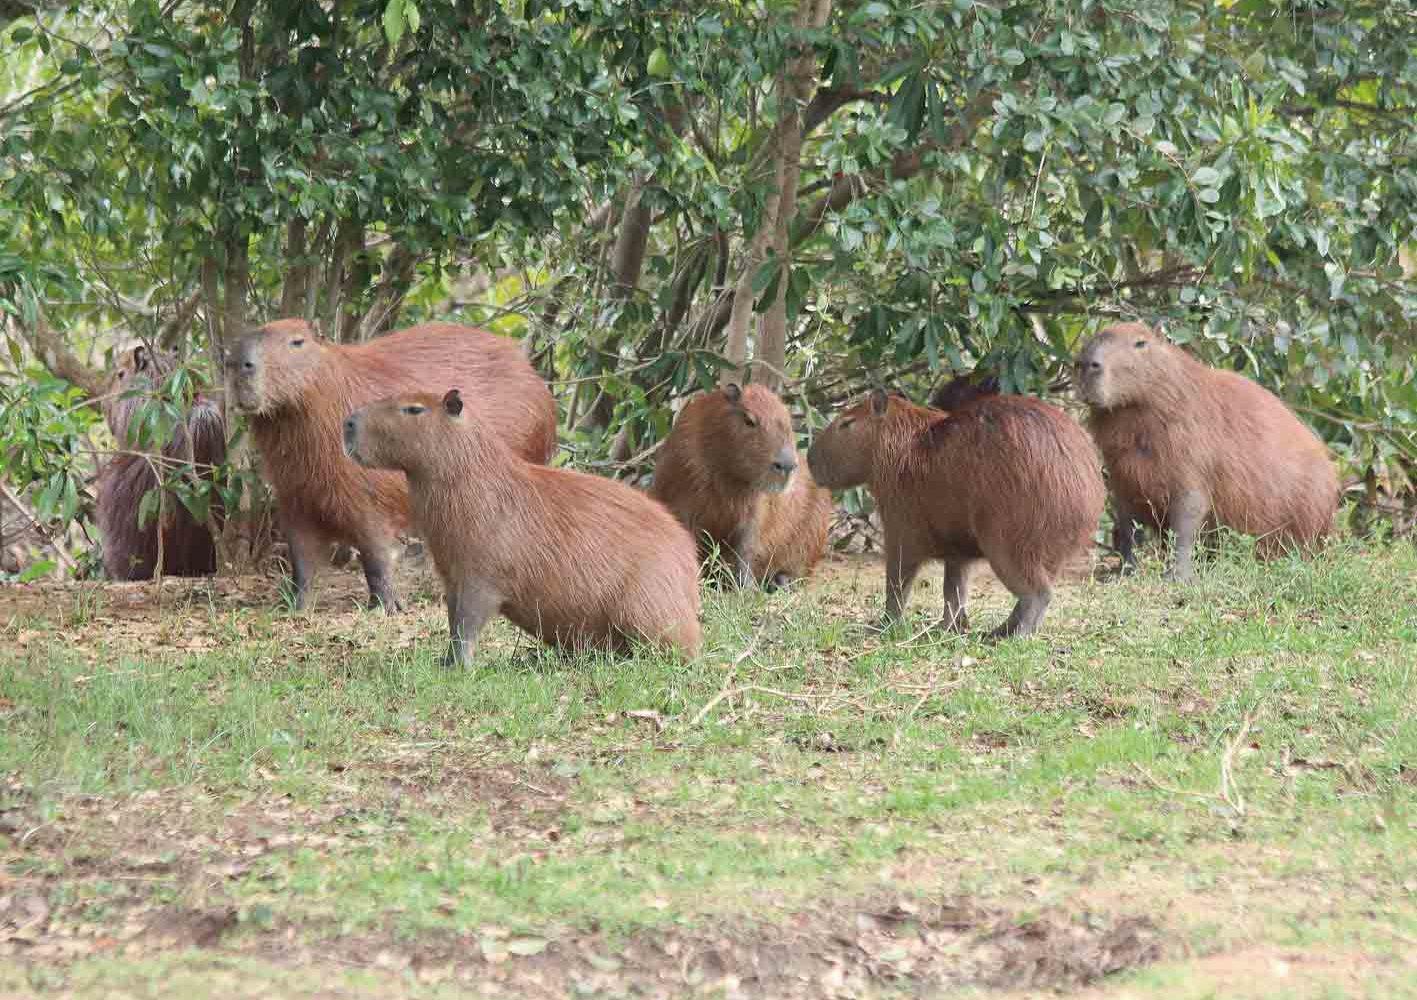 Auch Capybaras können gesichtet werden.